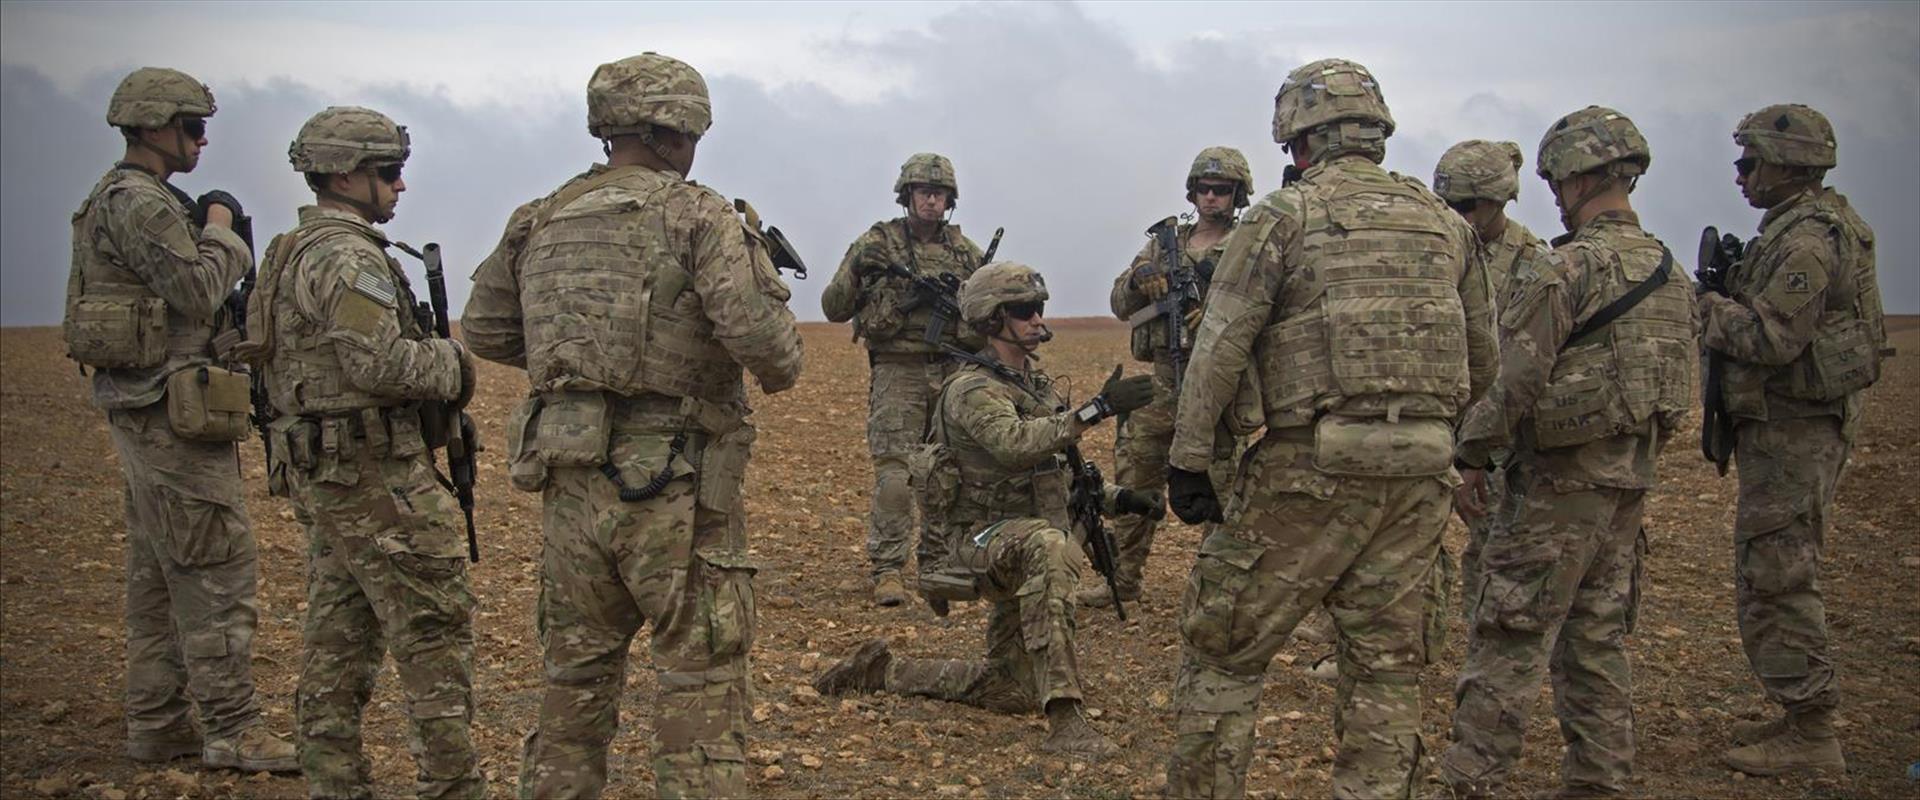 חיילי צבא ארצות הברית בסוריה, ארכיון